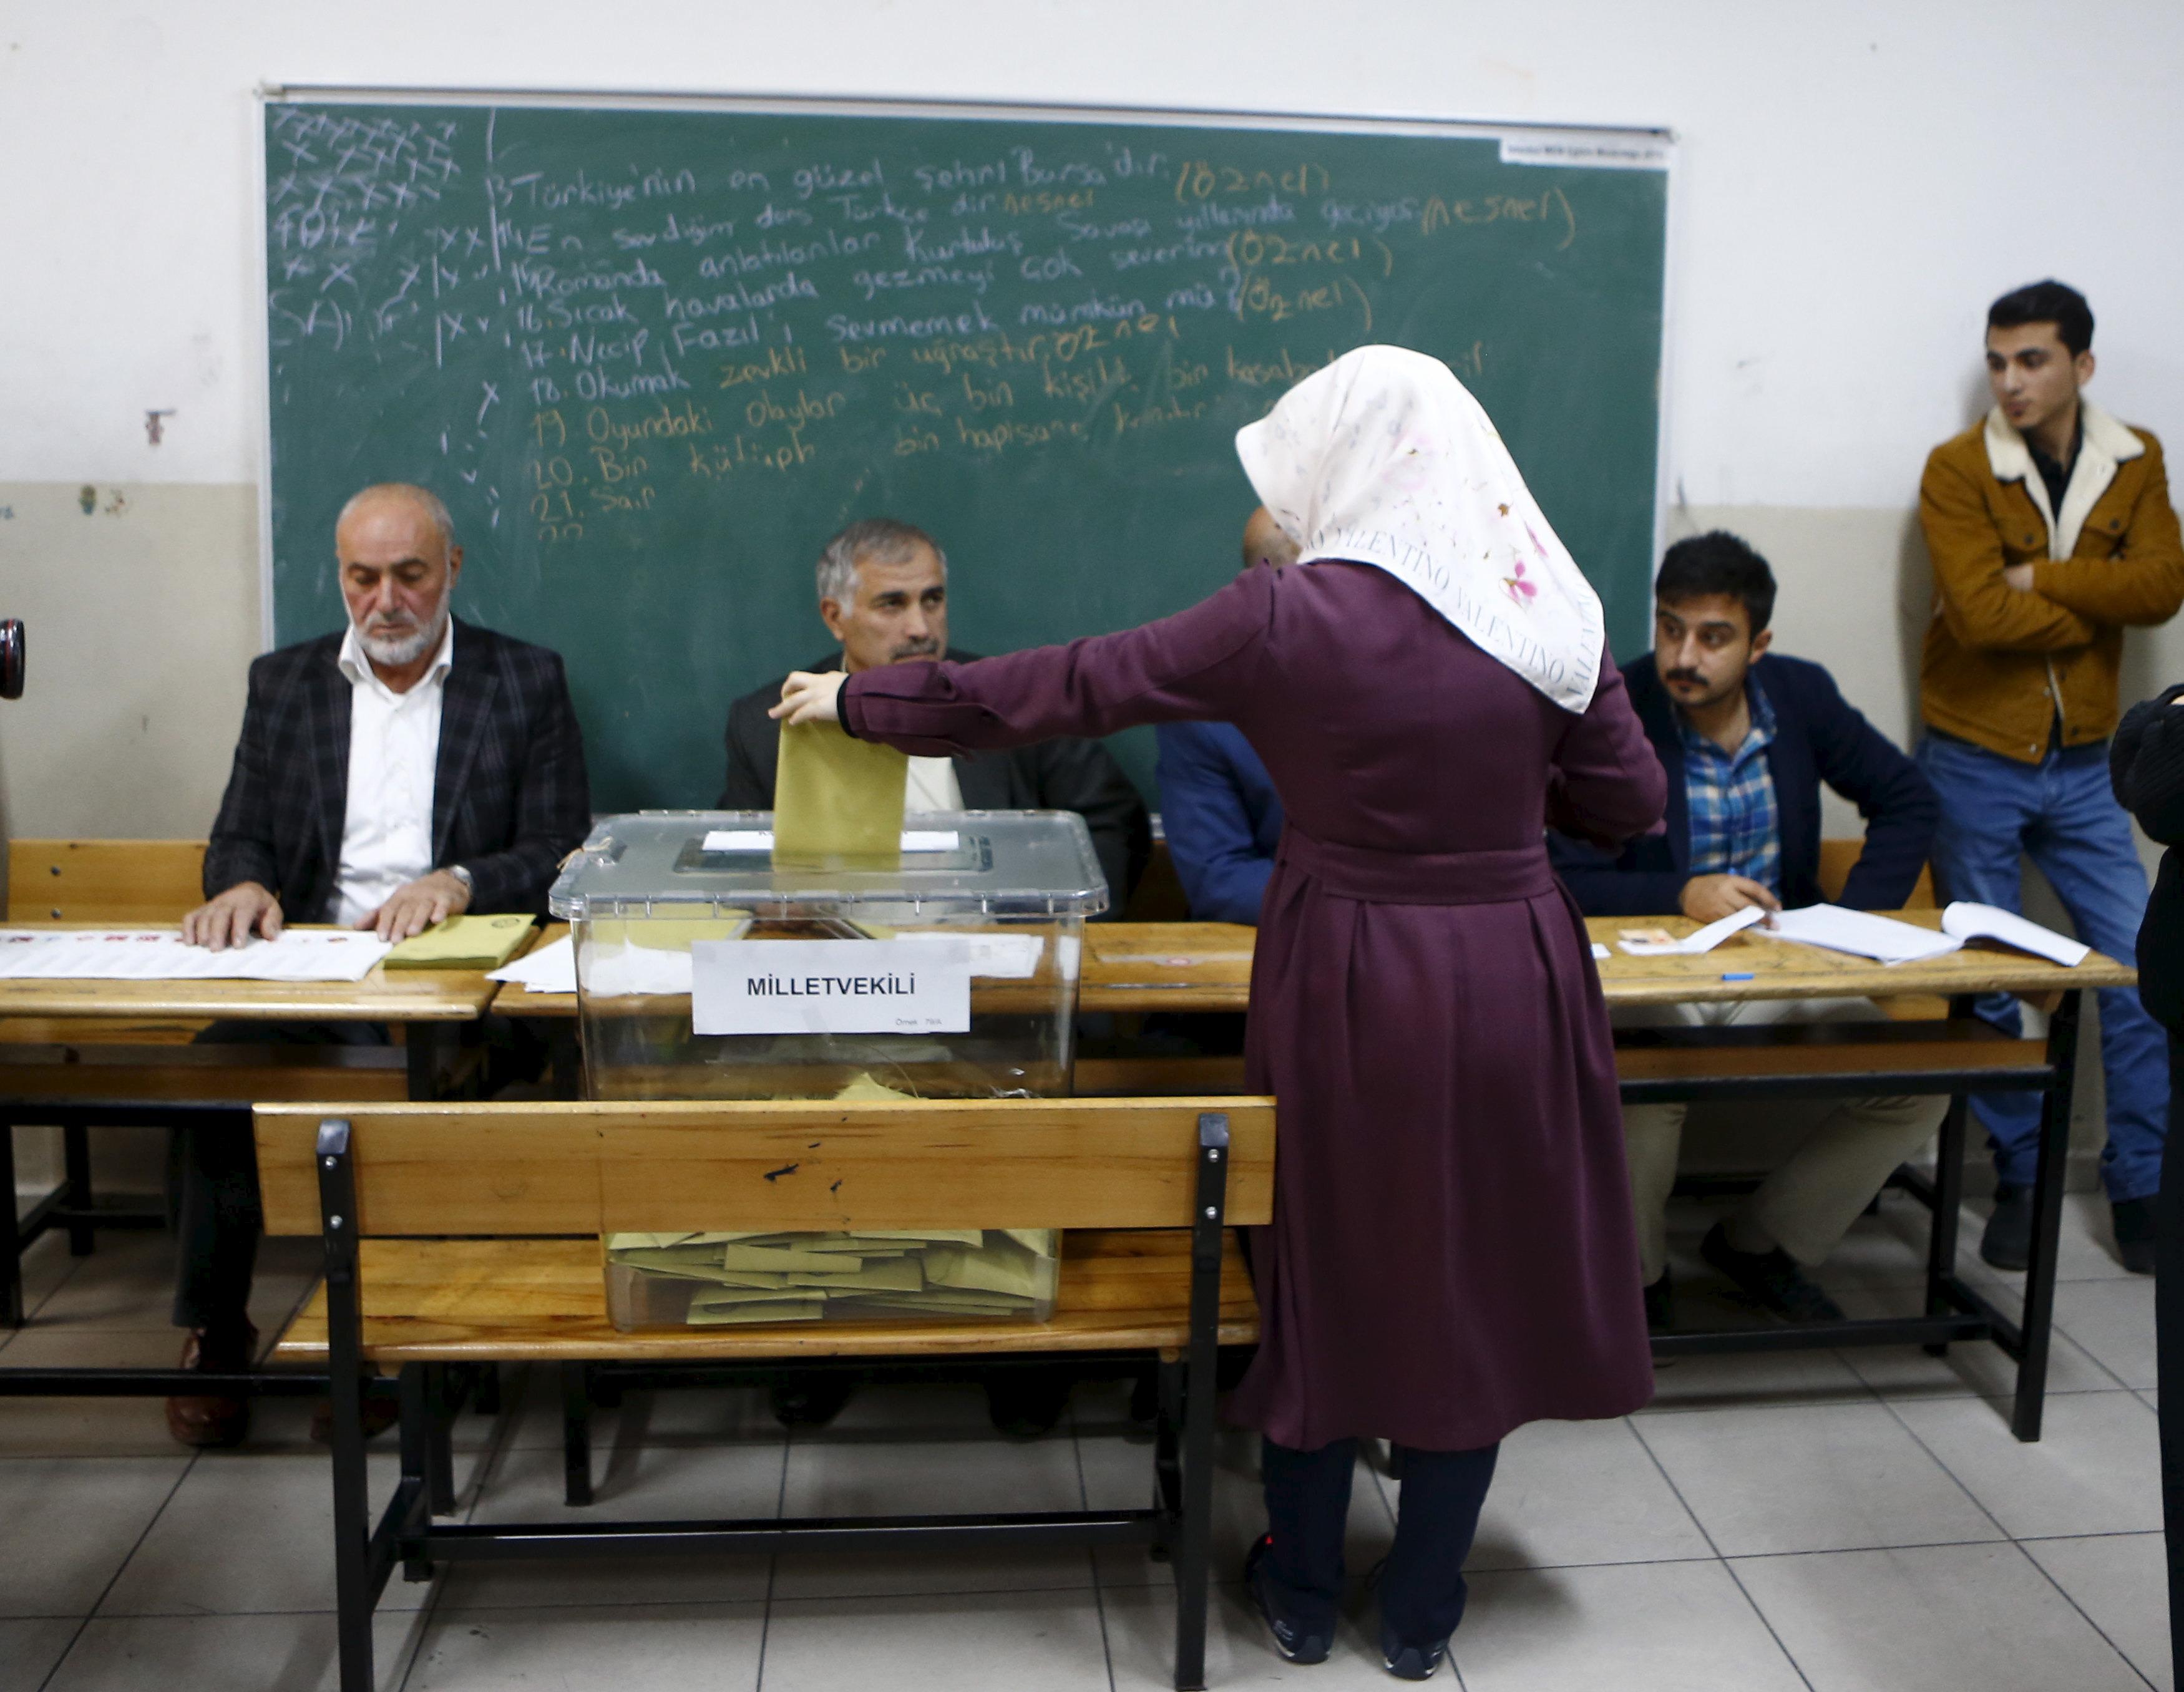 Tyrkiet valg